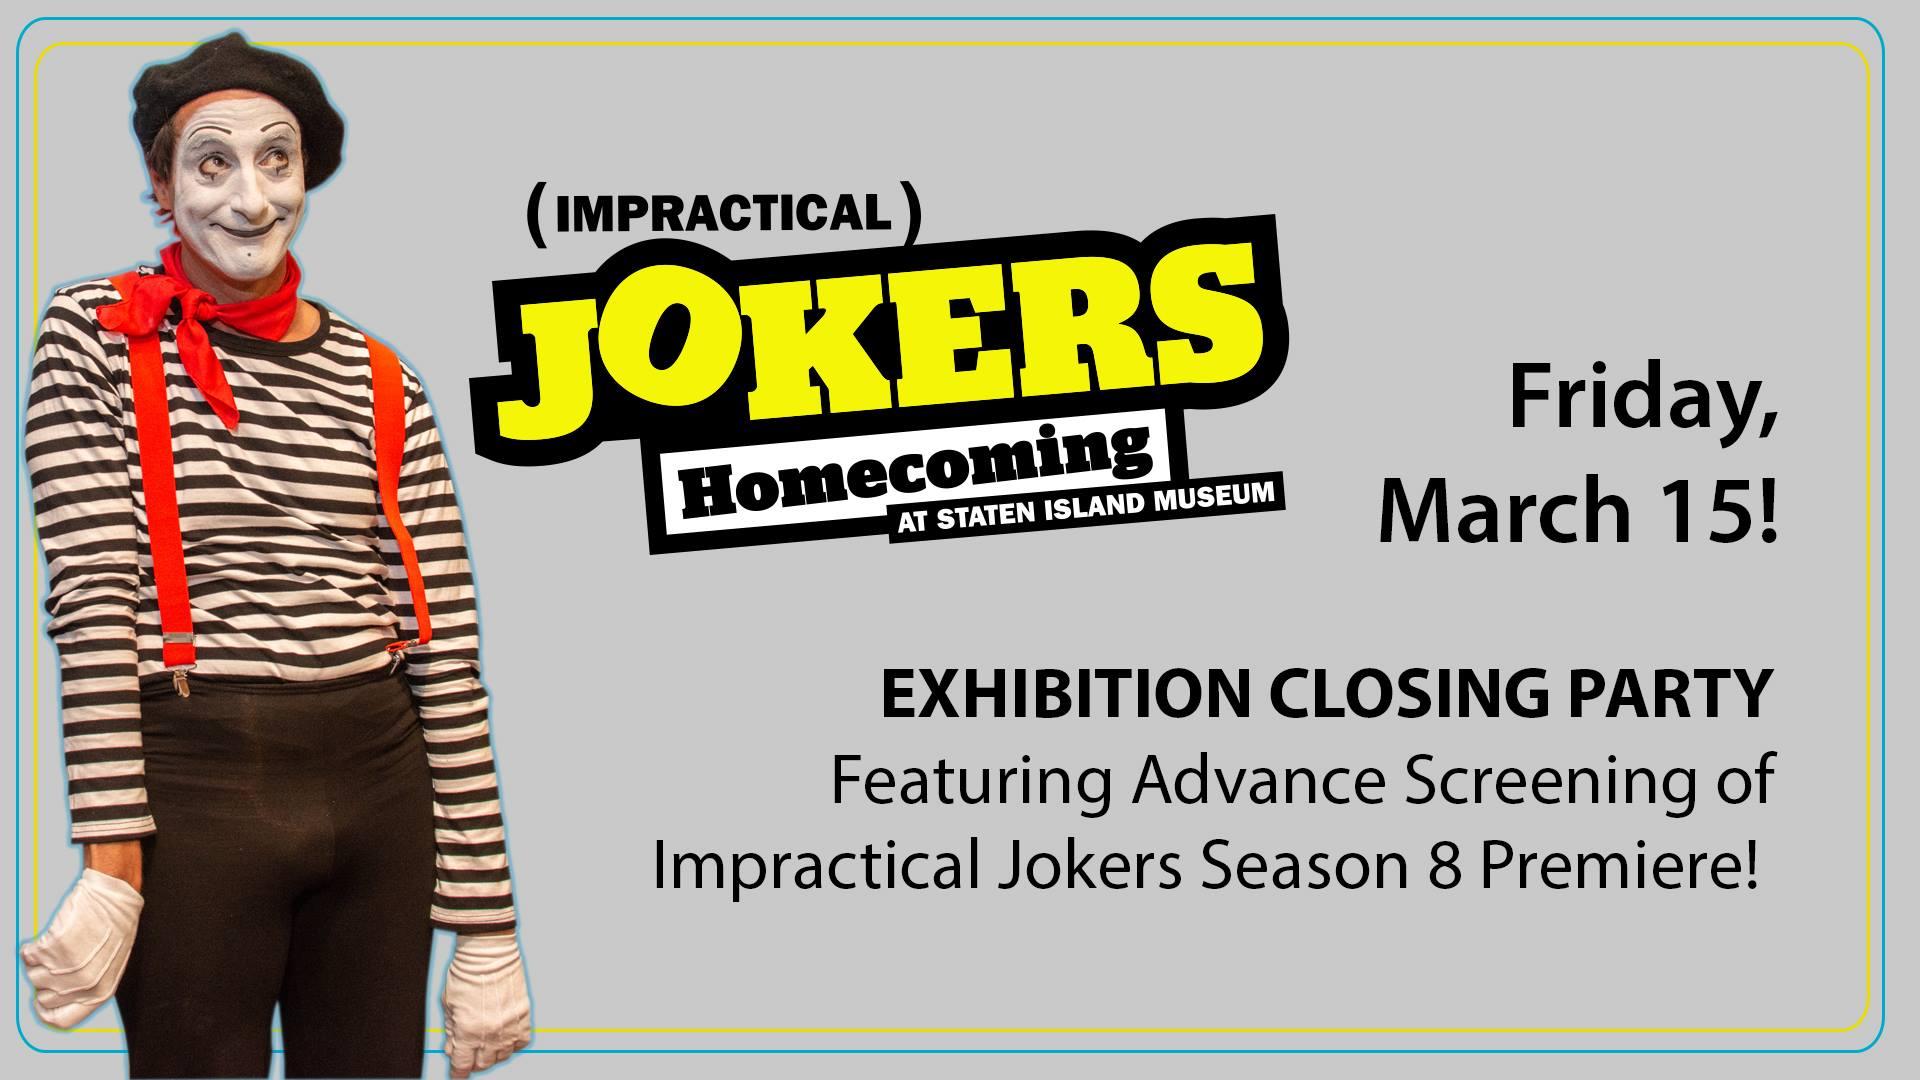 Impractical Jokers - Closing Party.jpg